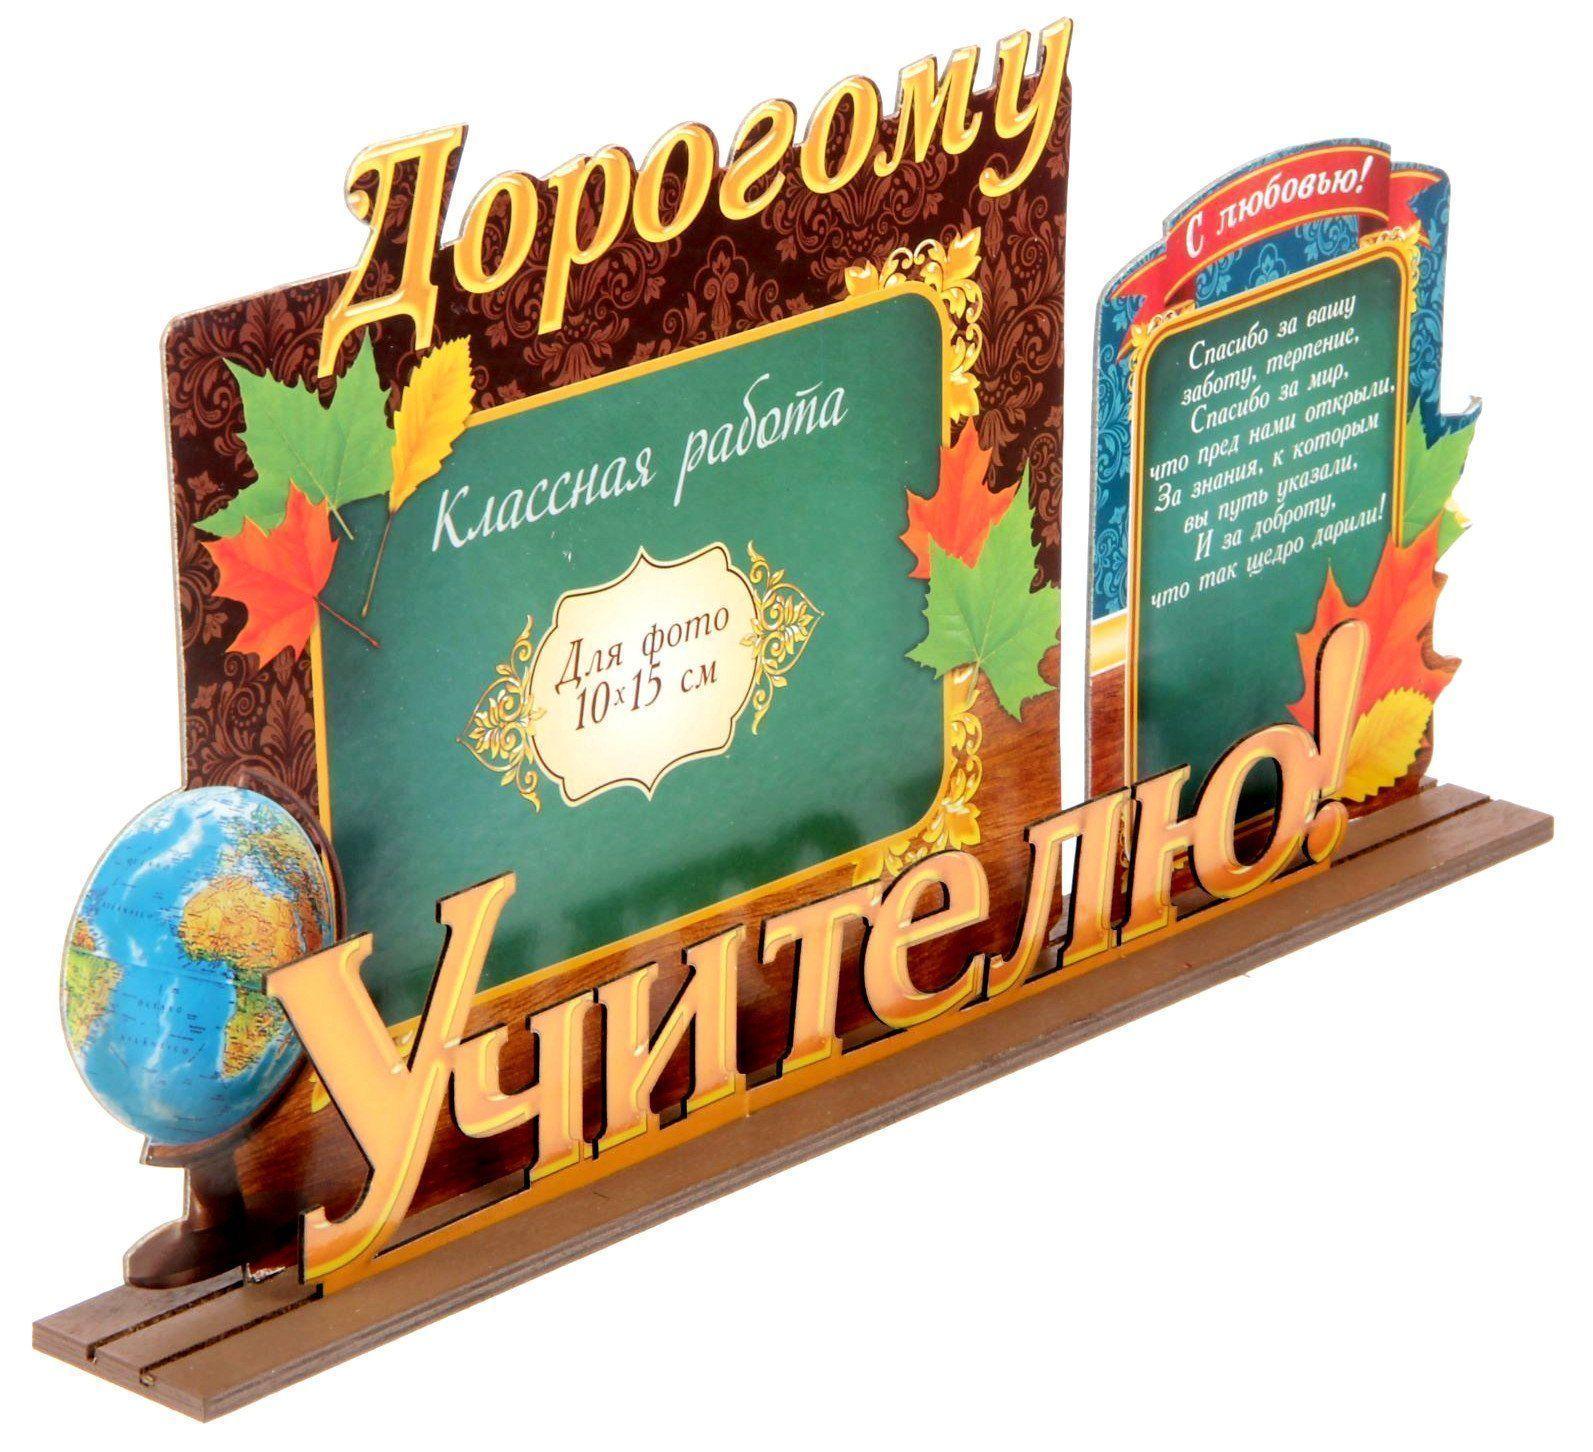 Фоторамка с буквами на деревянной подставке Дорогому учителю!Фотоальбомы, фоторамки<br>Фоторамка на подставке - прекрасный выбор для создания атмосферы праздника.Материал: картон, дерево.Этот товар можно преподнести в качестве подарка к празднику.<br><br>Год: 2017<br>Высота: 350<br>Ширина: 190<br>Толщина: 5